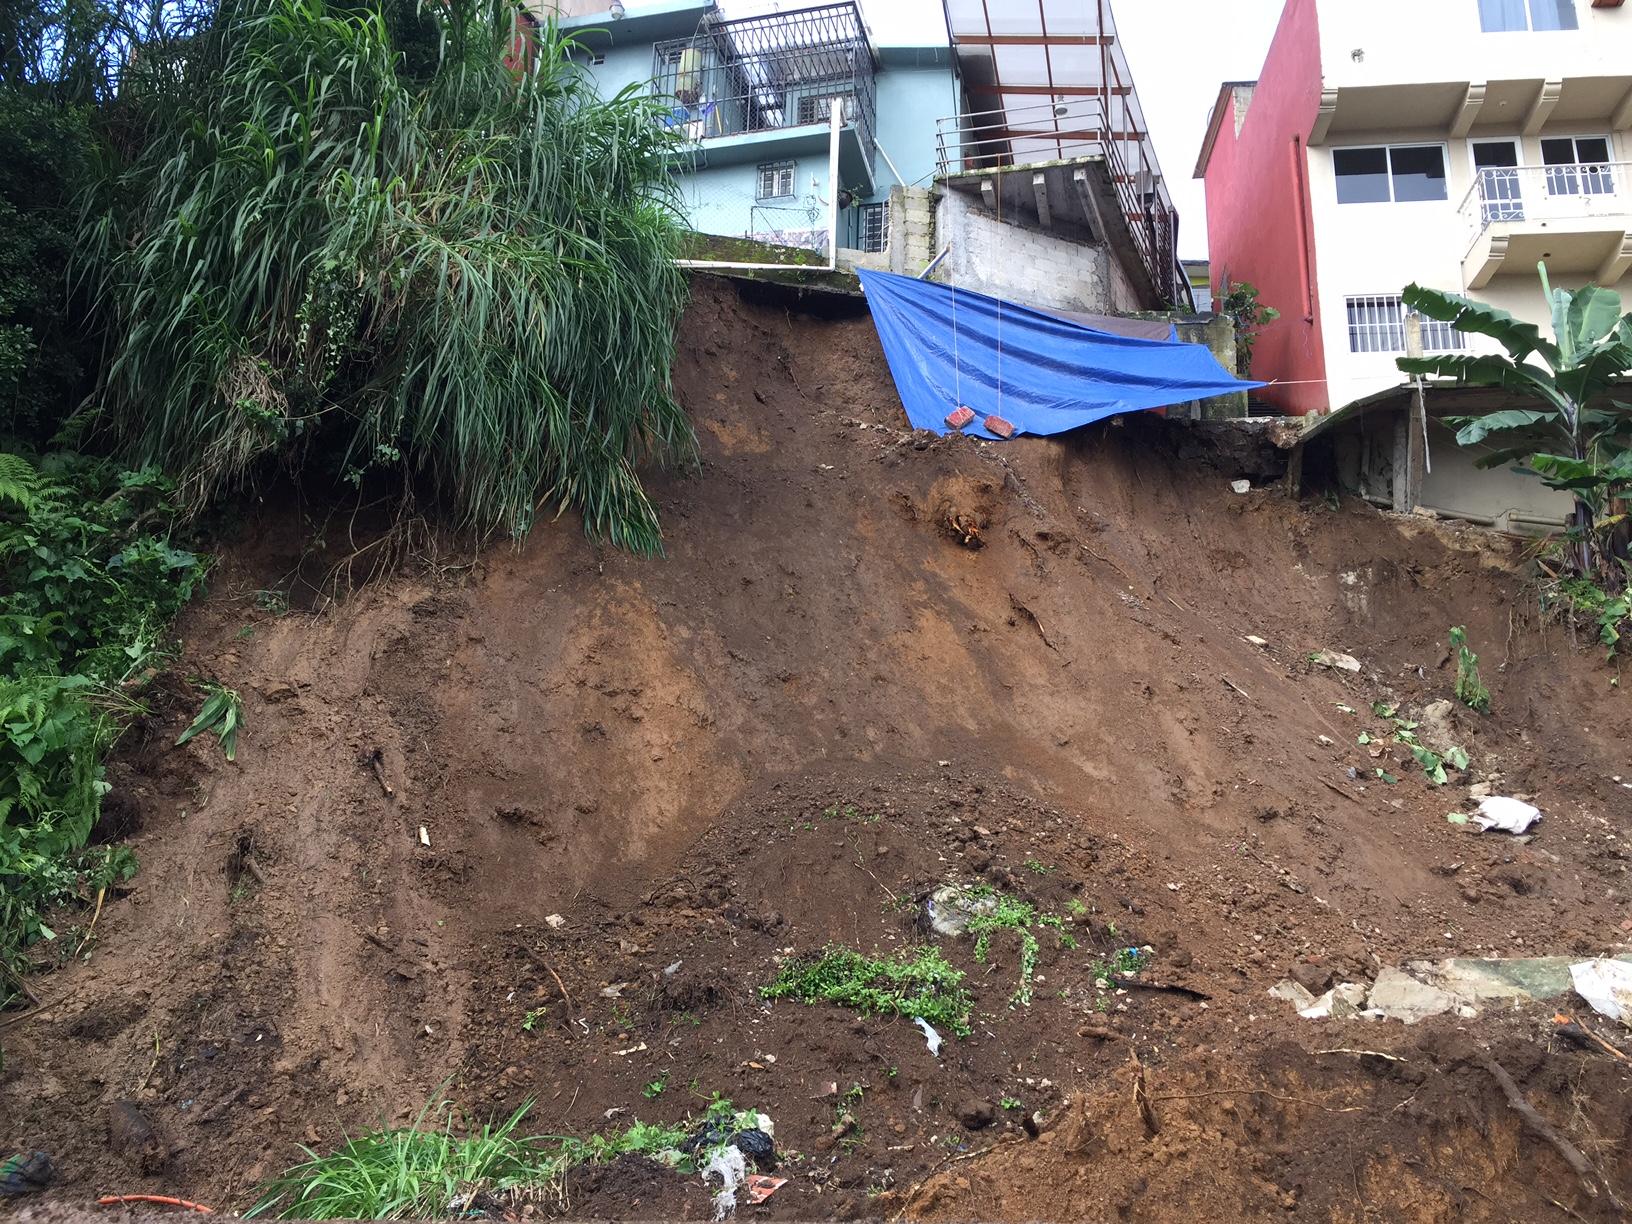 Riesgo de derrumbe en cerro de la colonia Salud en Xalapa